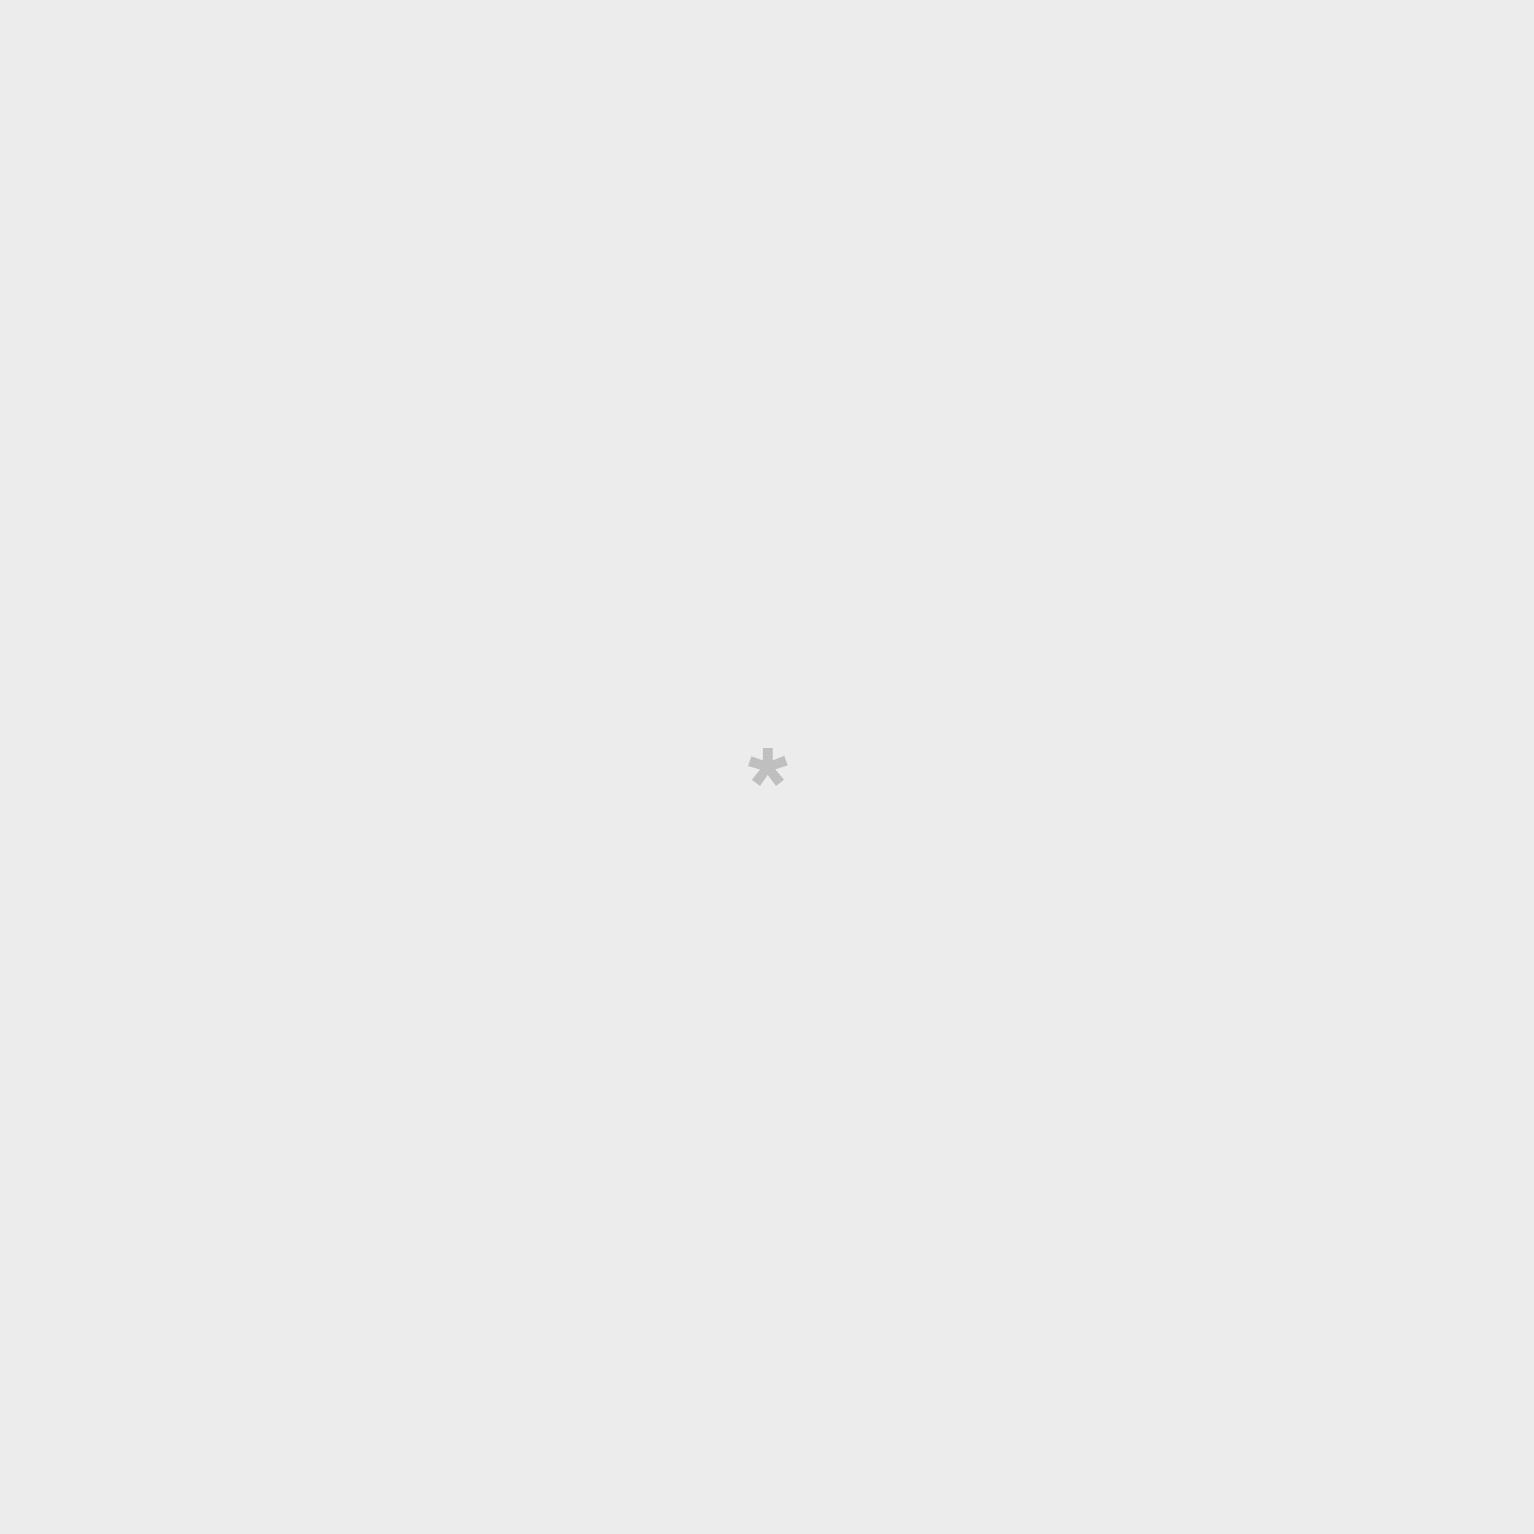 Planificador semanal - Los sueños cumplidos empiezan aquí